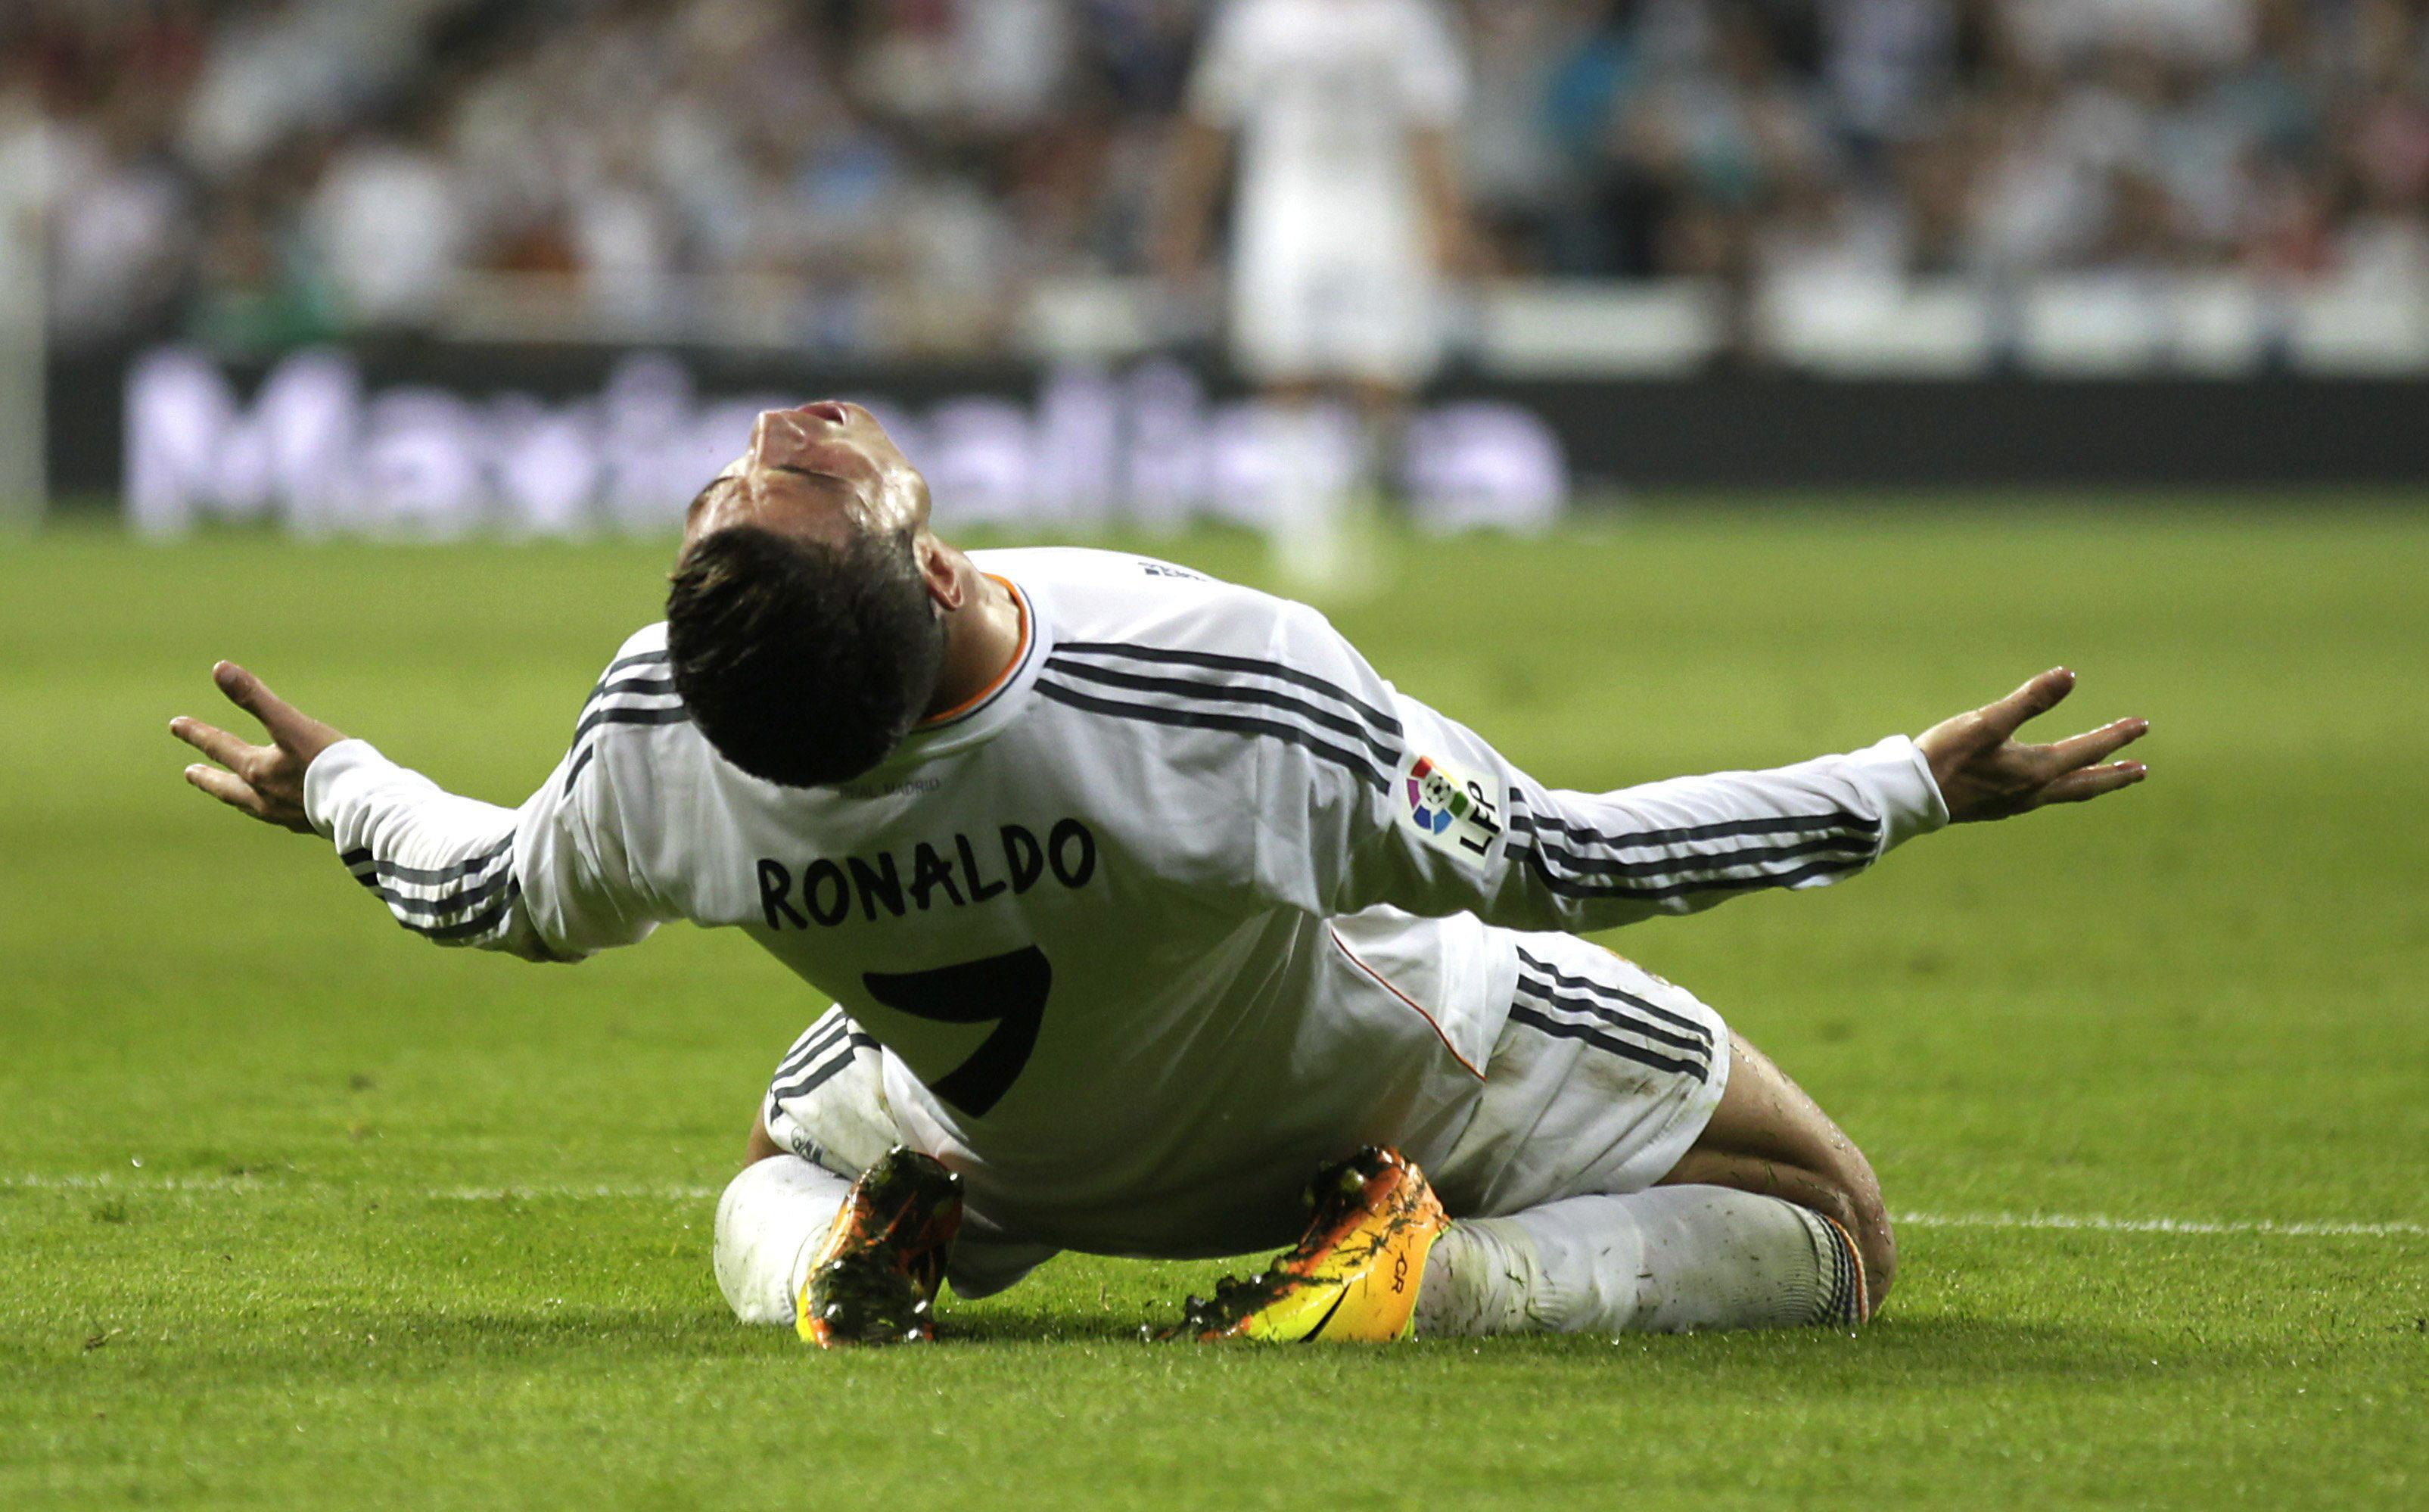 4-1. El Real Madrid remonta al debut fallido de Bale en el Bernabéu